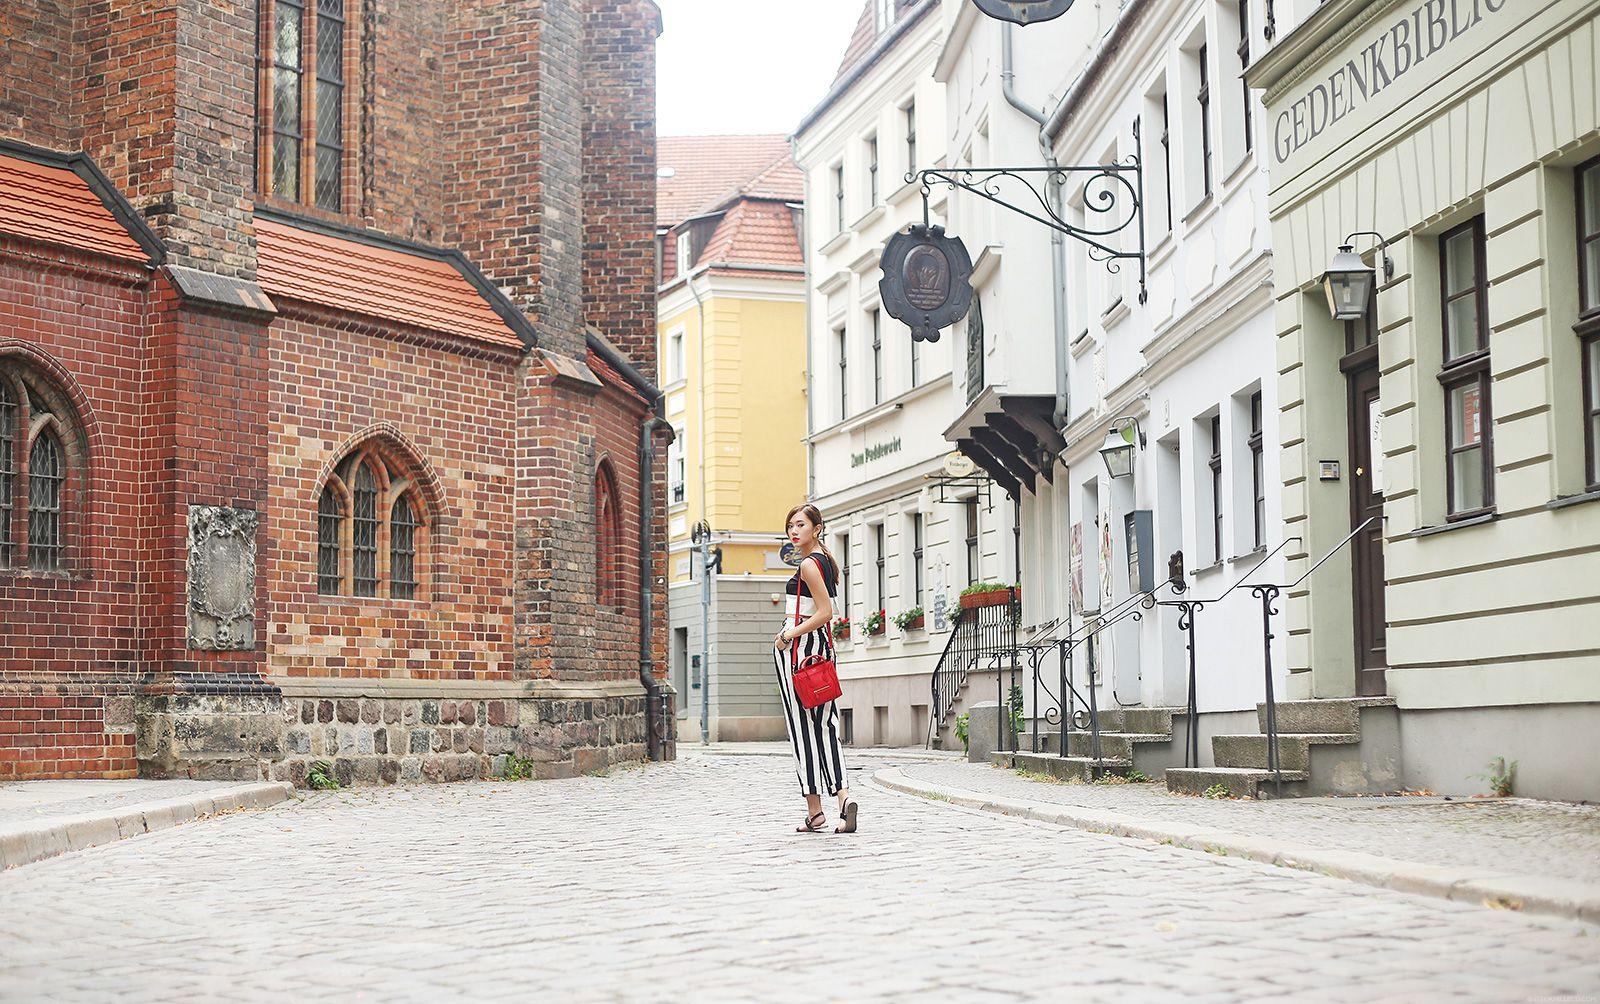 Monochromae Fashion At Nikolaiviertel | Camille Co